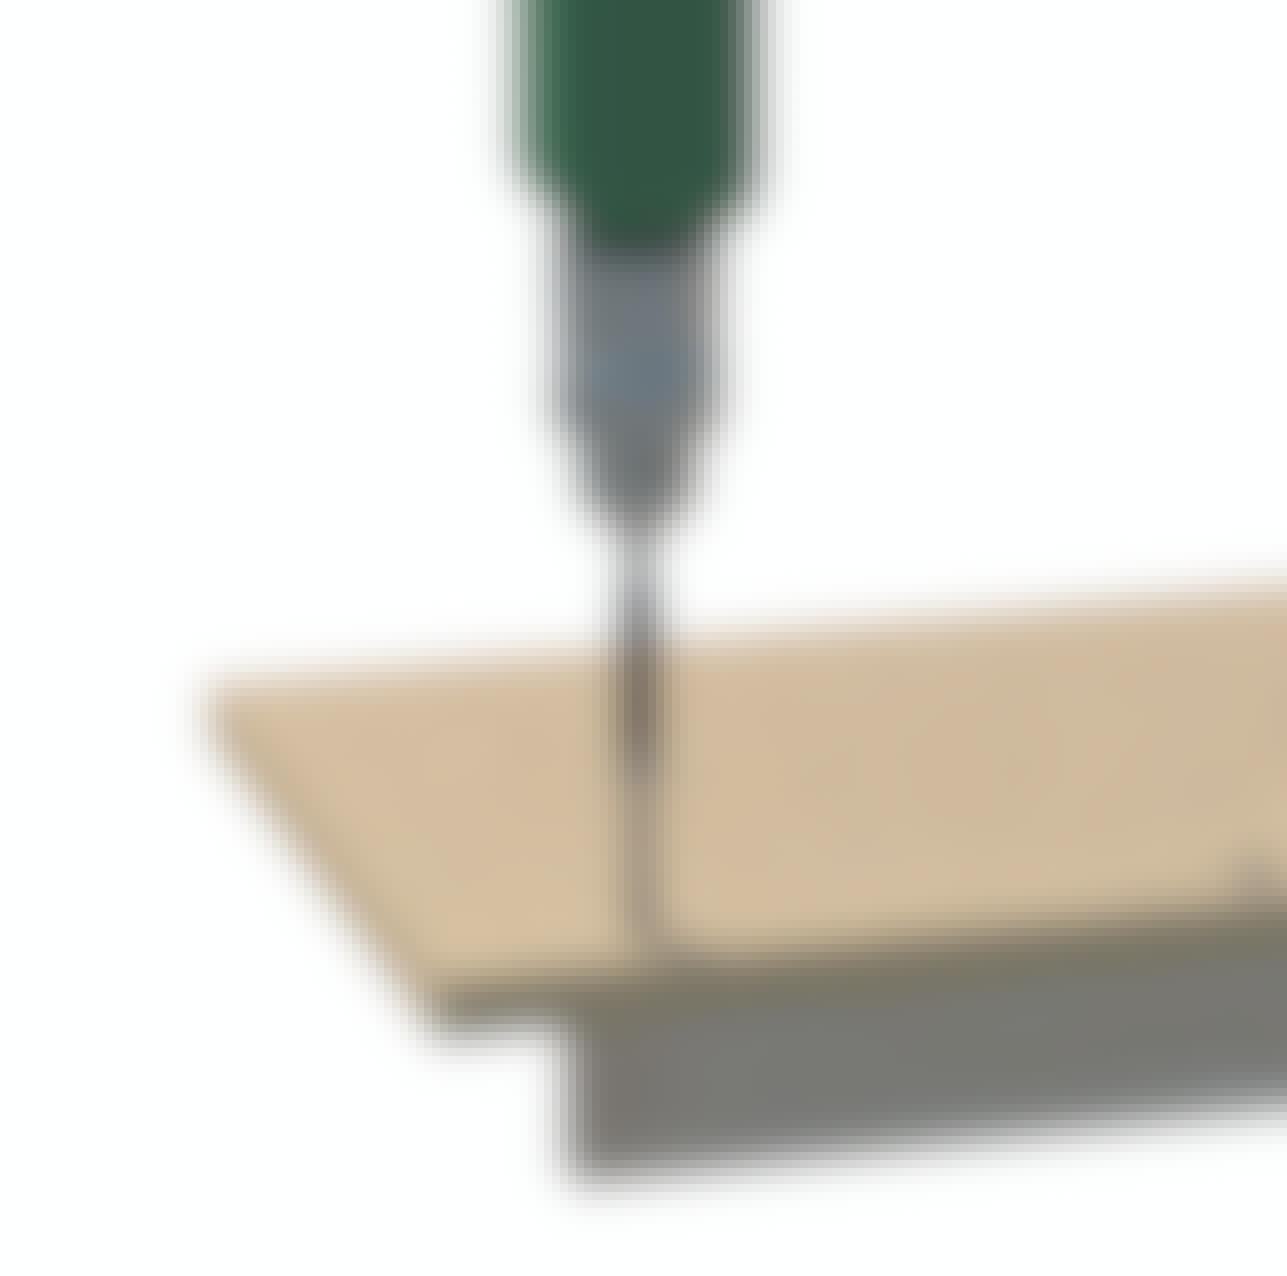 Kuinka suoristan notkolle painuneet kirjahyllyt?